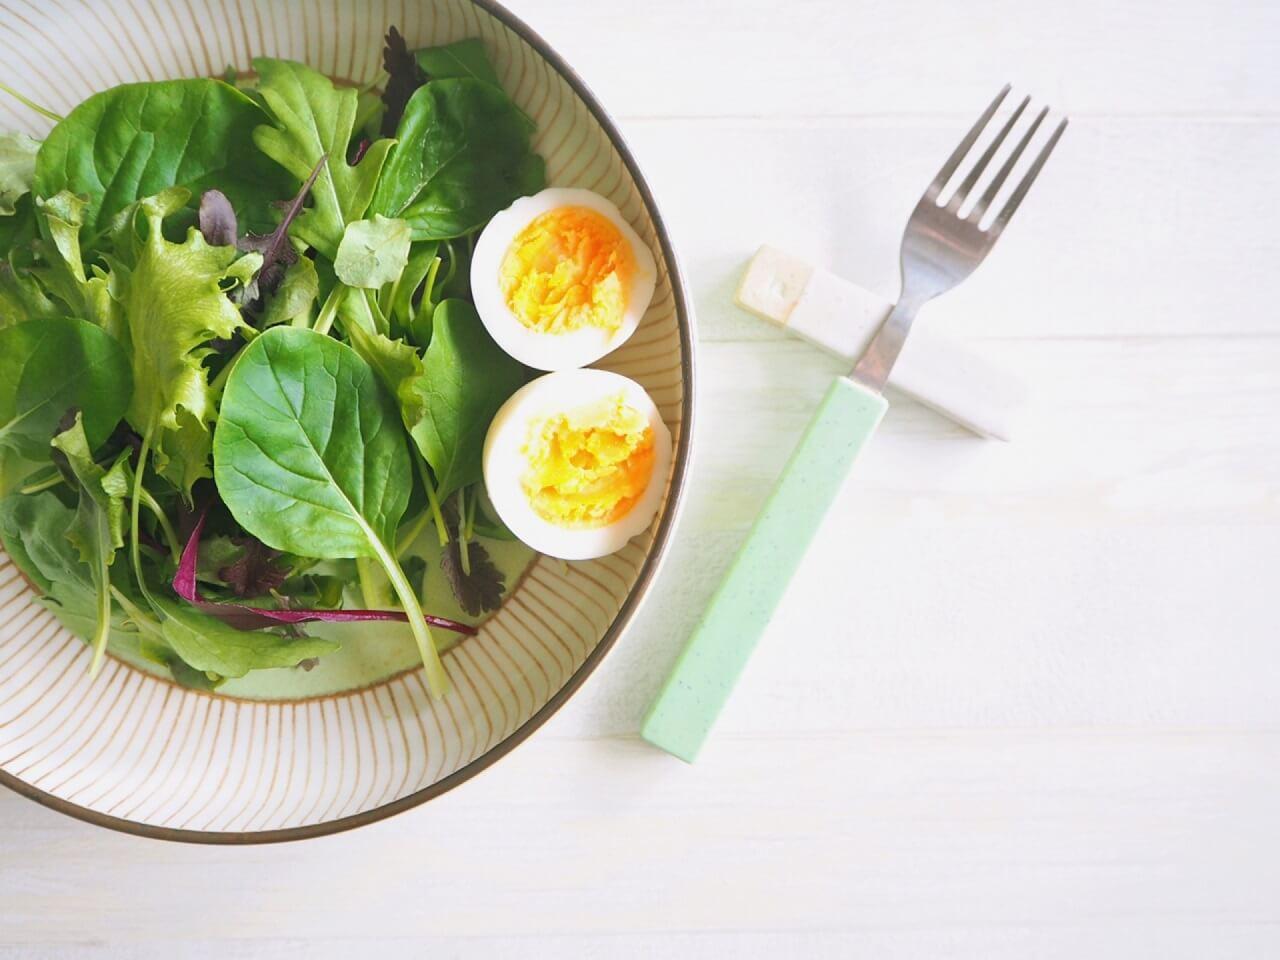 ゆっくり時間をかけて、カロリー低いものから食べる